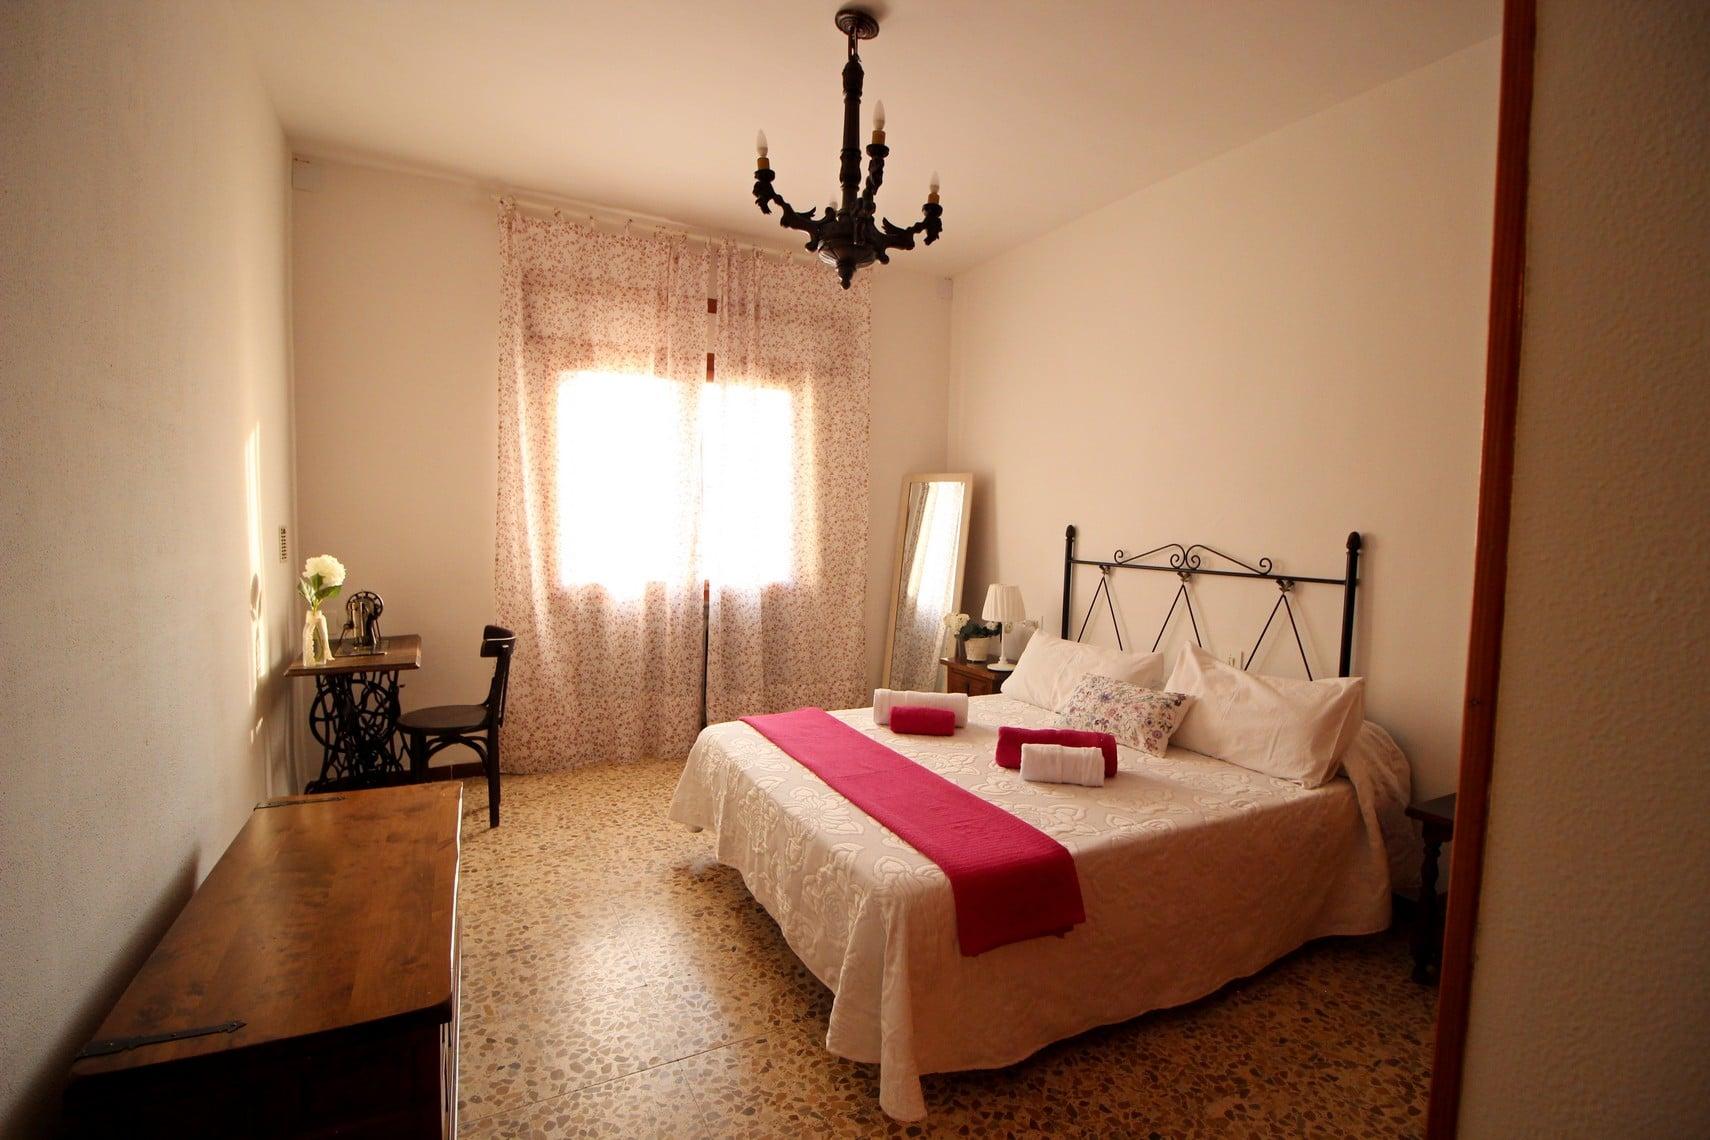 habitación4_las_hazas jarandilla001